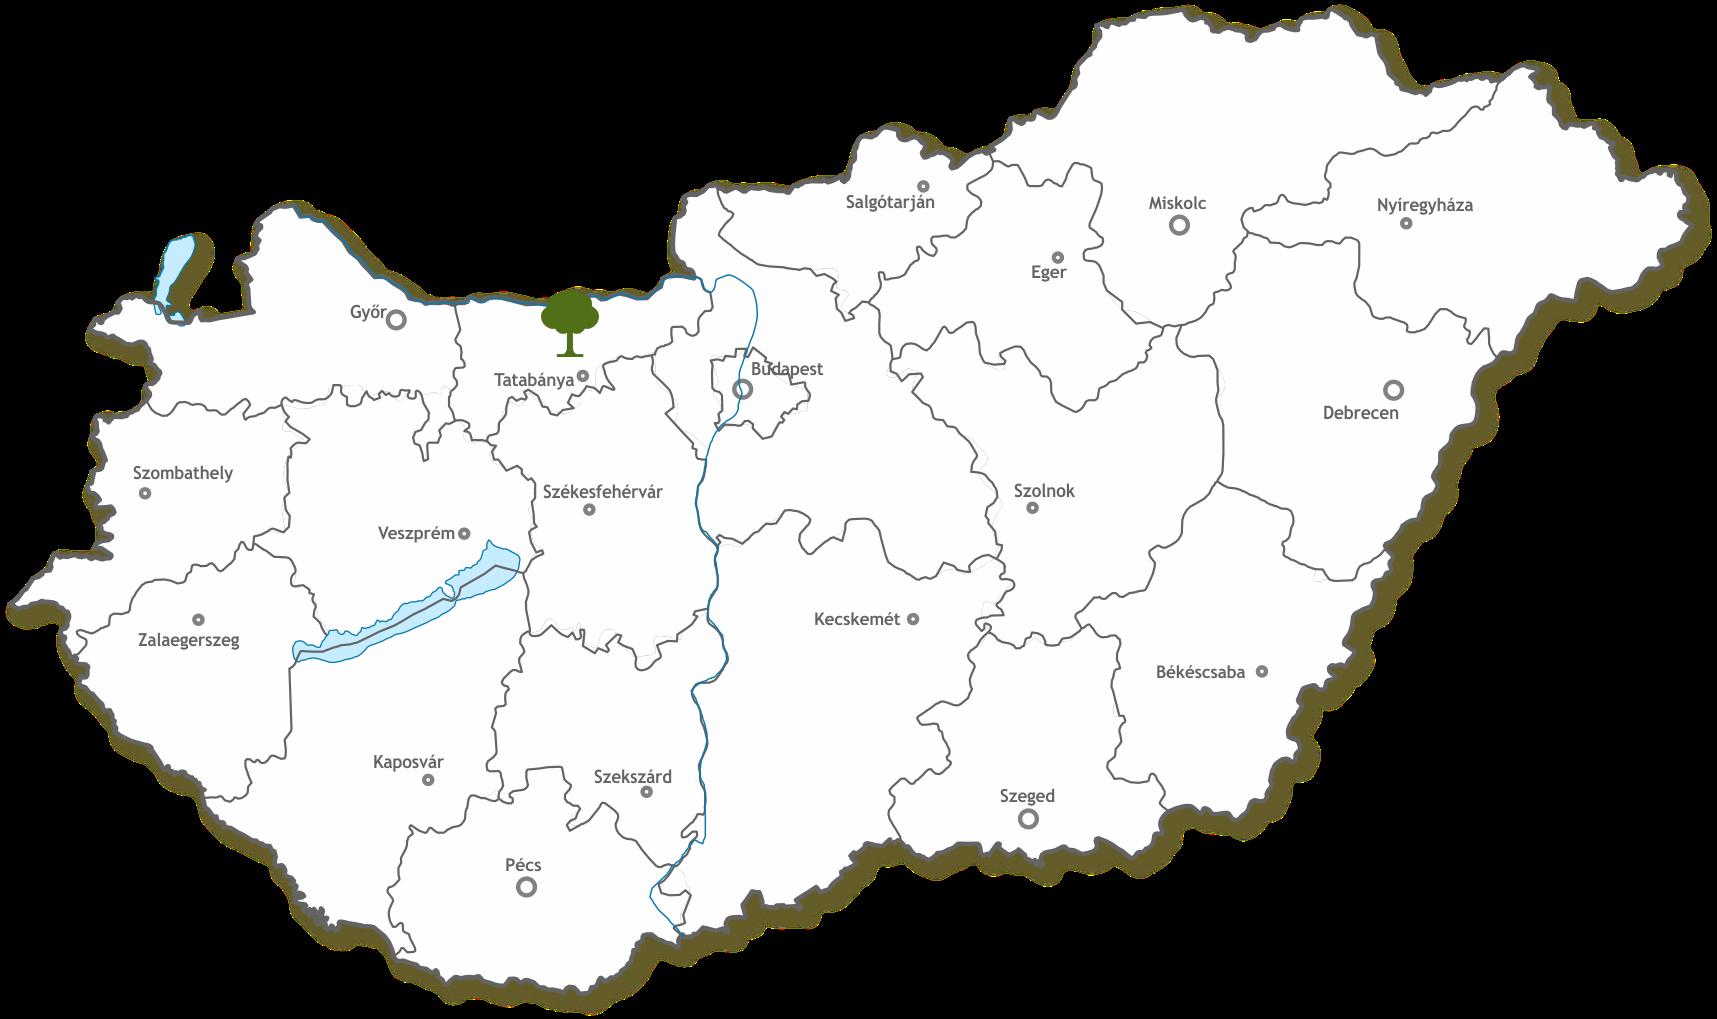 magyarország térkép tatabánya Emlékerdő   Főoldal magyarország térkép tatabánya